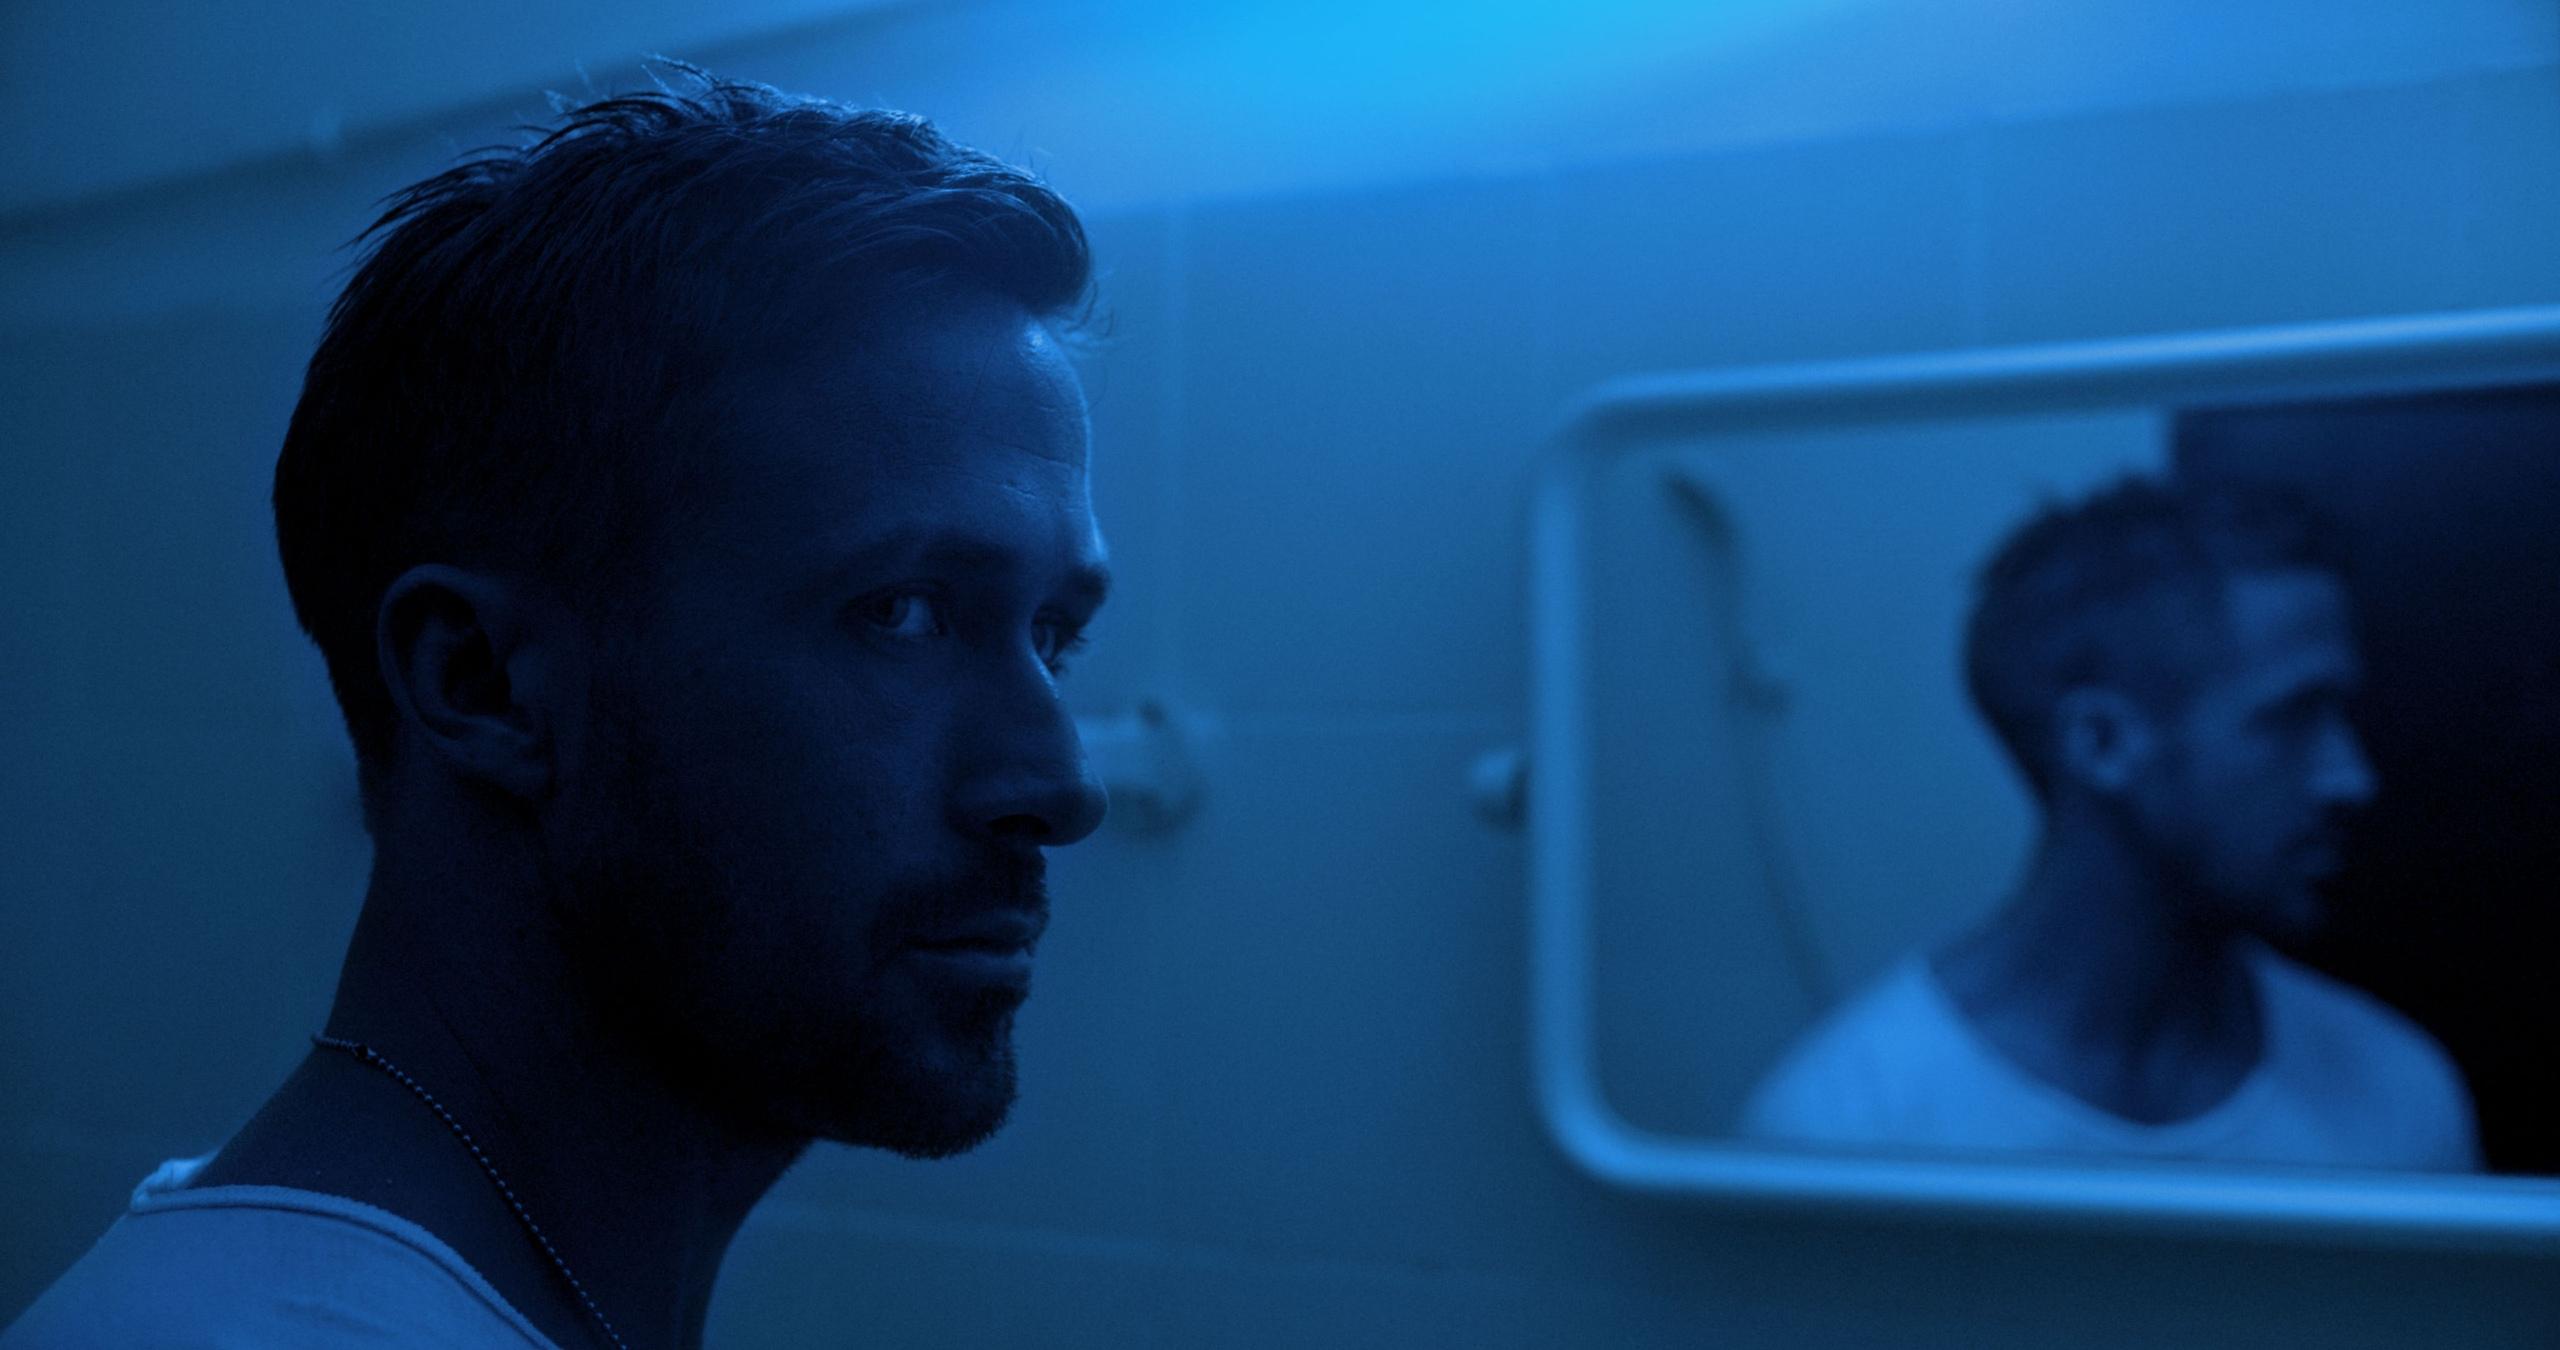 Ученые узнали, как синий свет ухудшает зрение  Коротковолно